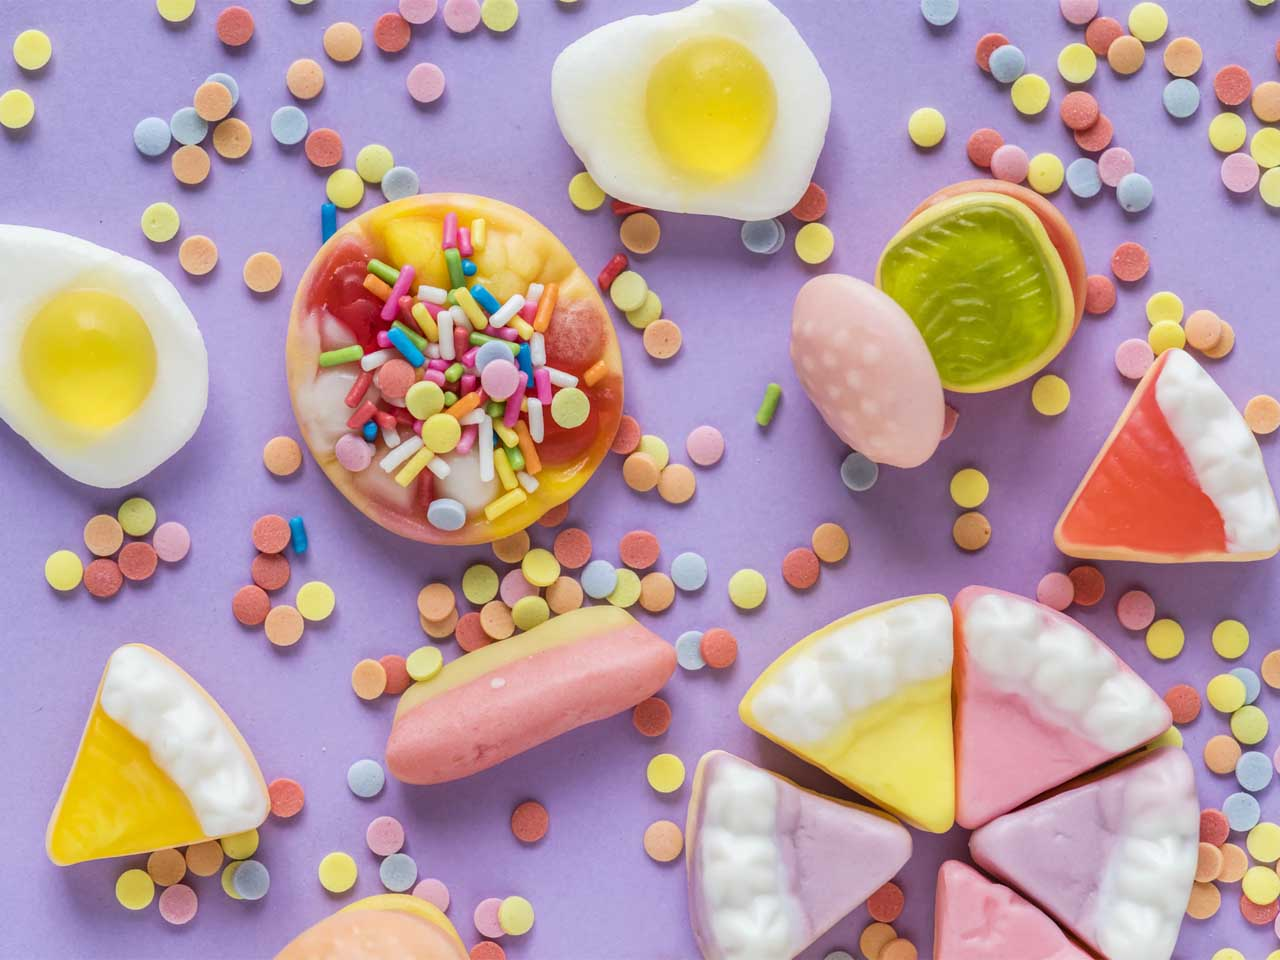 Babies, sweet foods, food, favor, life, foodie, children, embryo, woman, women